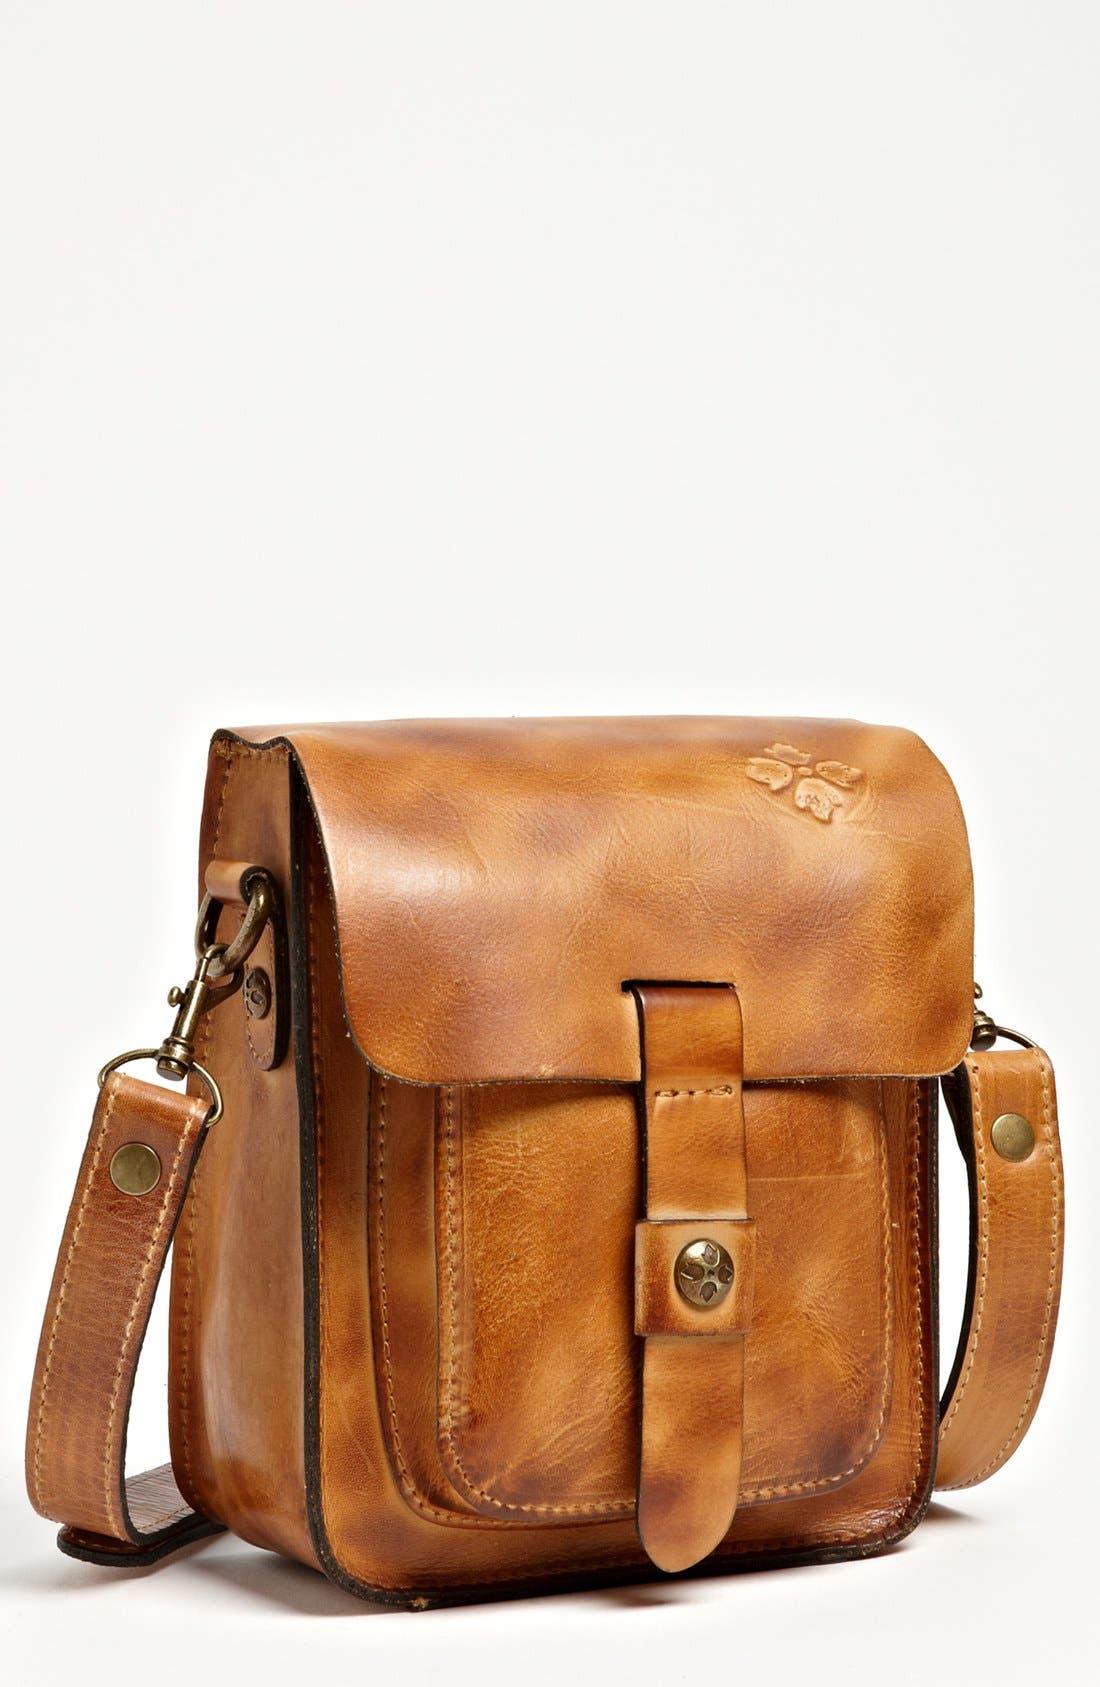 Alternate Image 1 Selected - Patricia Nash 'Lari' Crossbody Bag